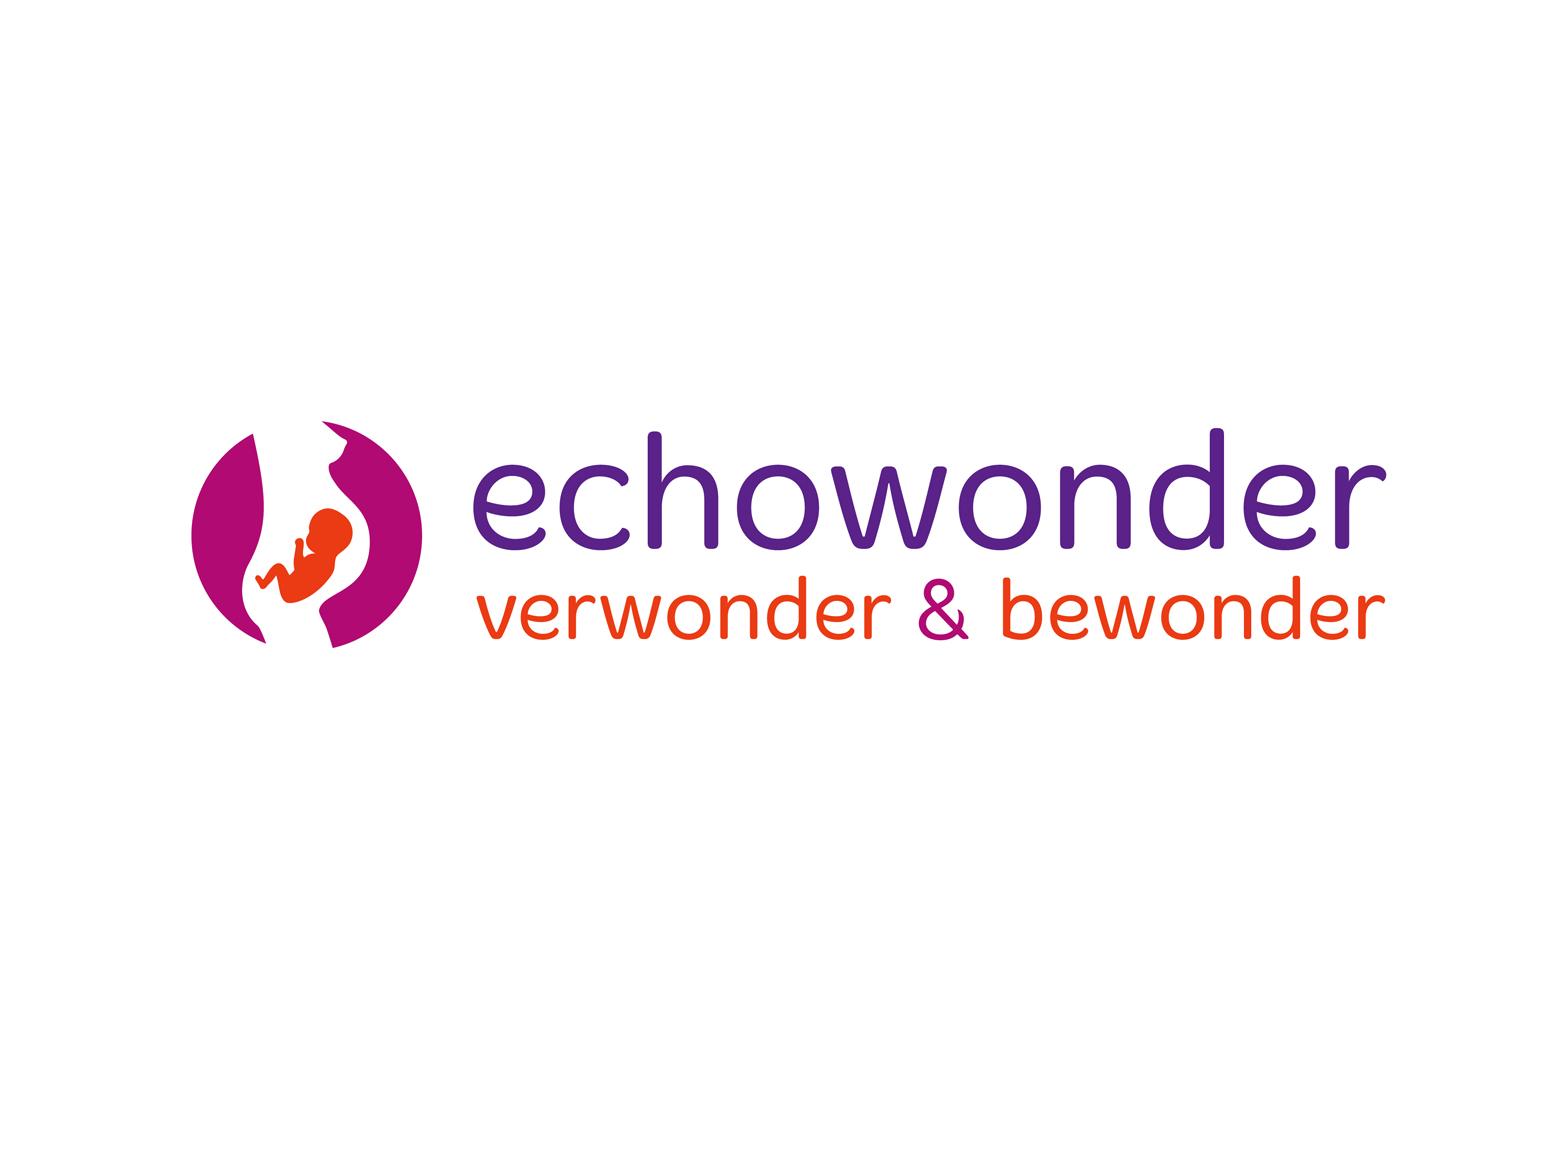 Afbeeldingsresultaat voor echowonder